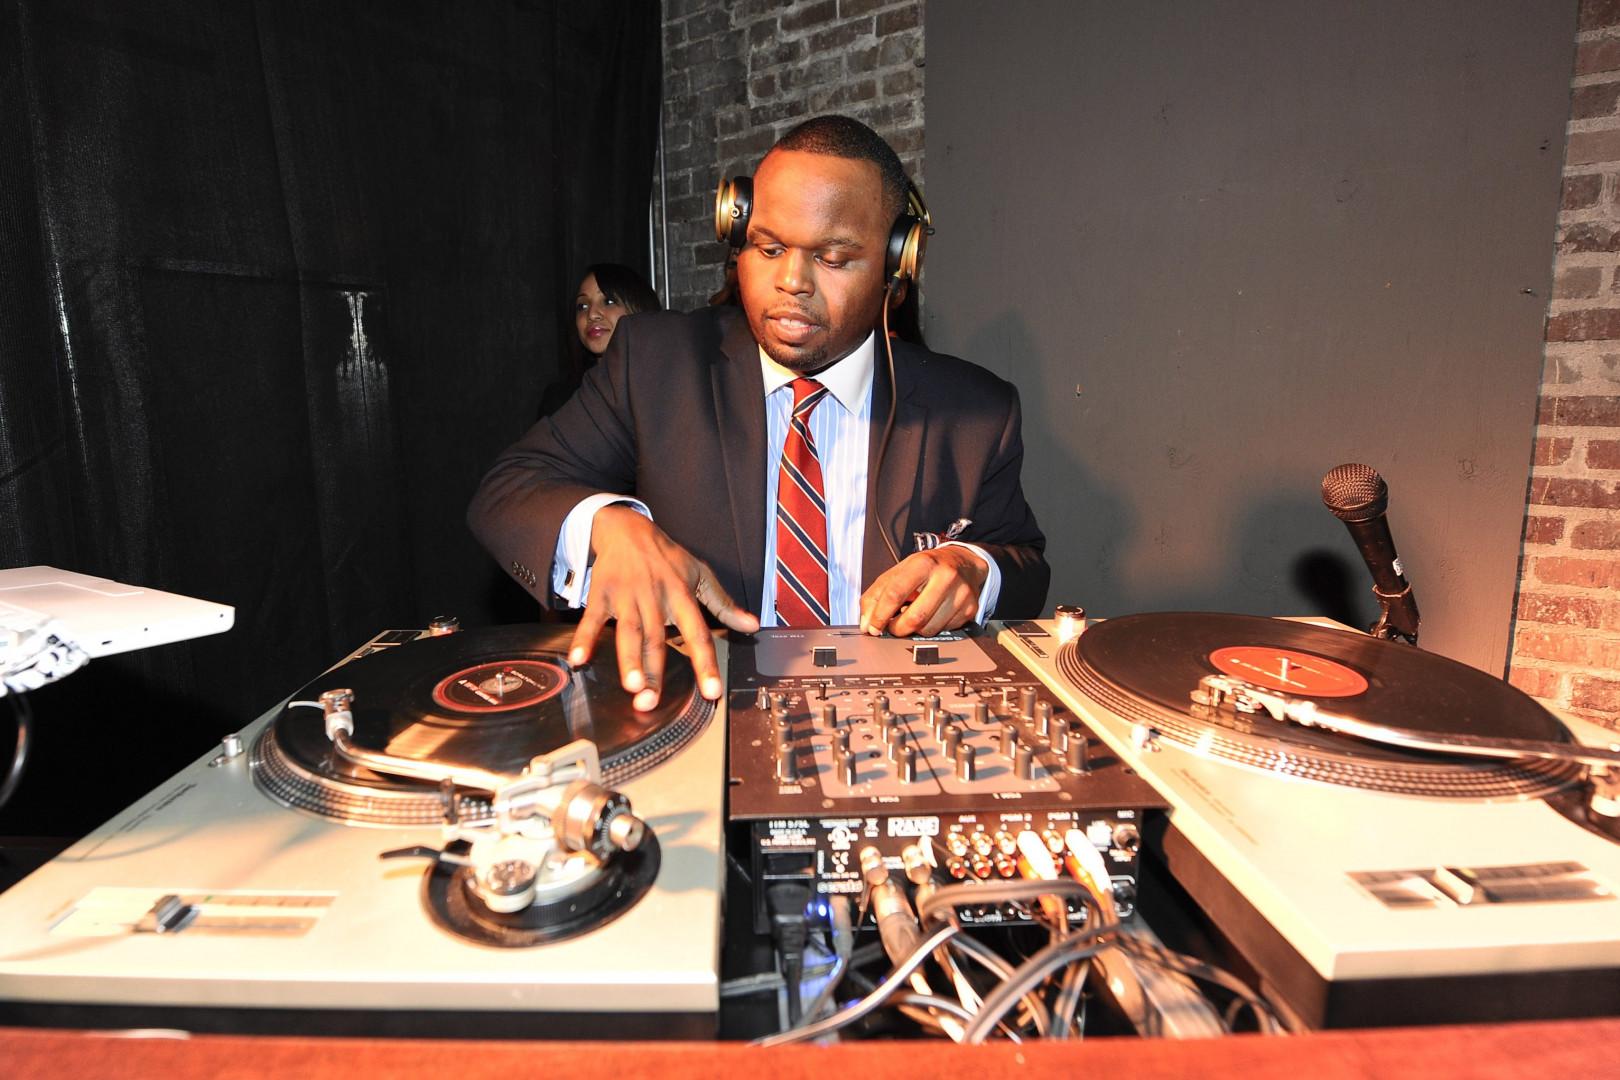 3. Dr. Dre avec 650 millions de dollars